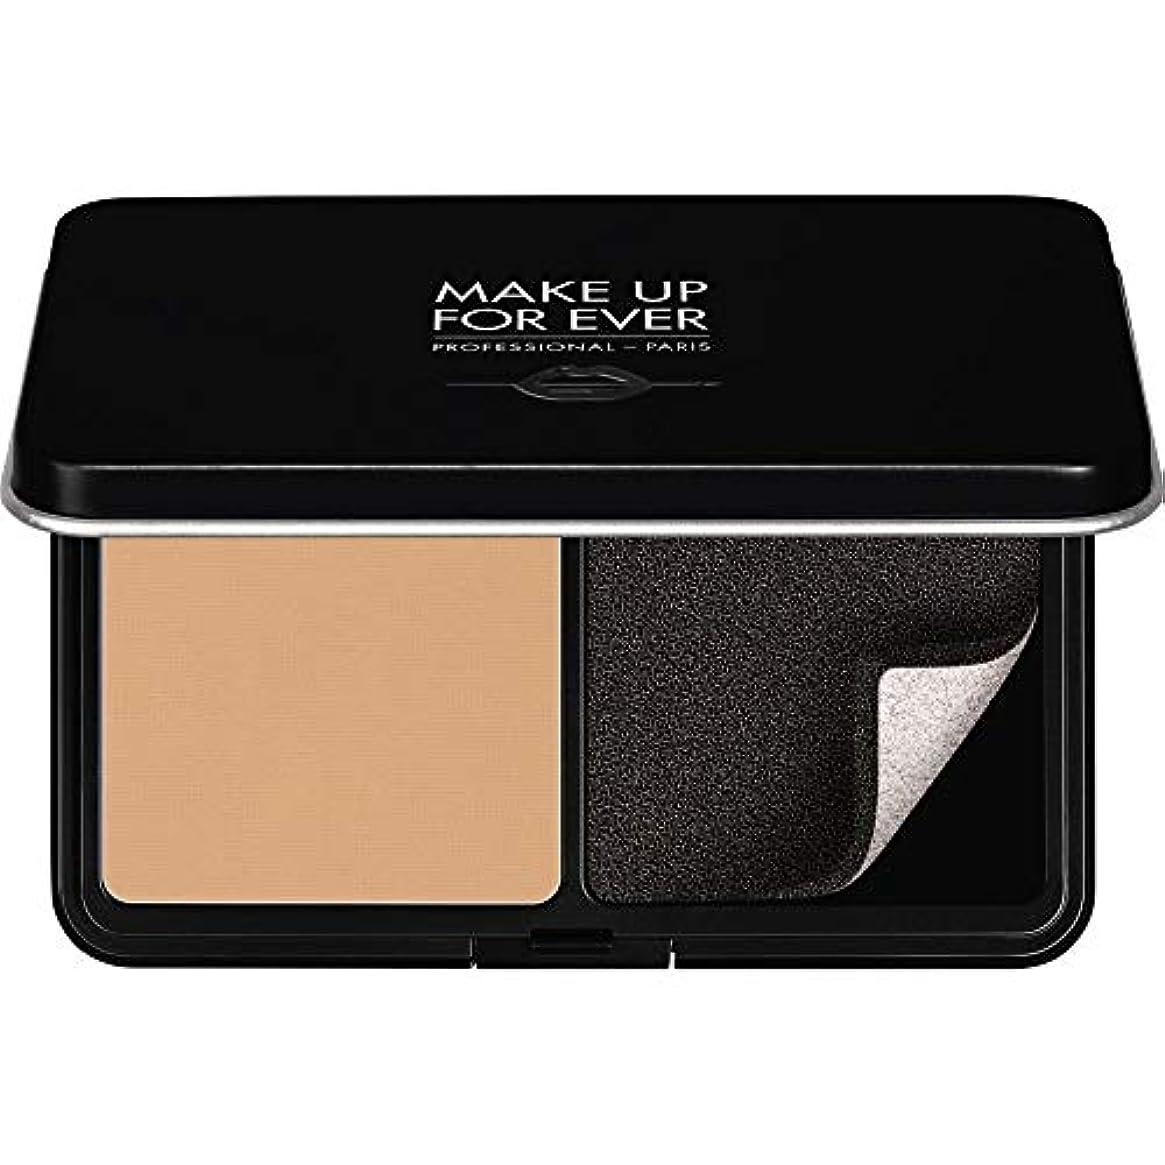 遠征こんにちは不測の事態[MAKE UP FOR EVER ] パウダーファンデーション11GののY305をぼかし、これまでマットベルベットの肌を補う - ソフトベージュ - MAKE UP FOR EVER Matte Velvet Skin...